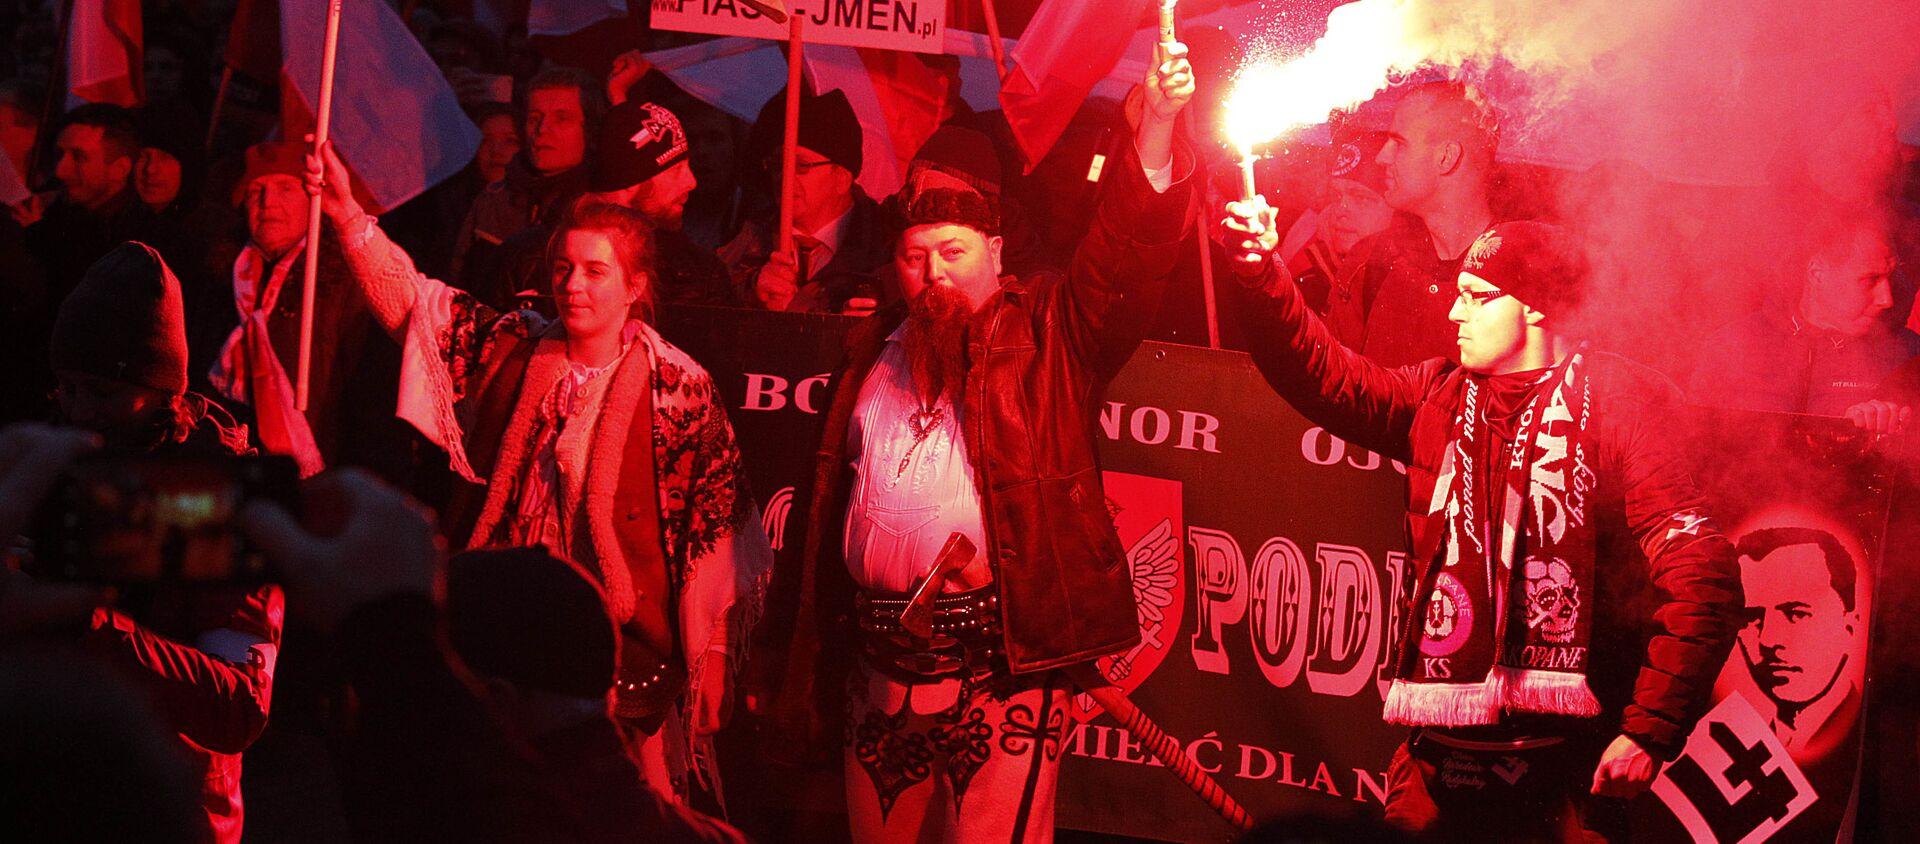 Nacionalistas polacos - Sputnik Mundo, 1920, 20.12.2017